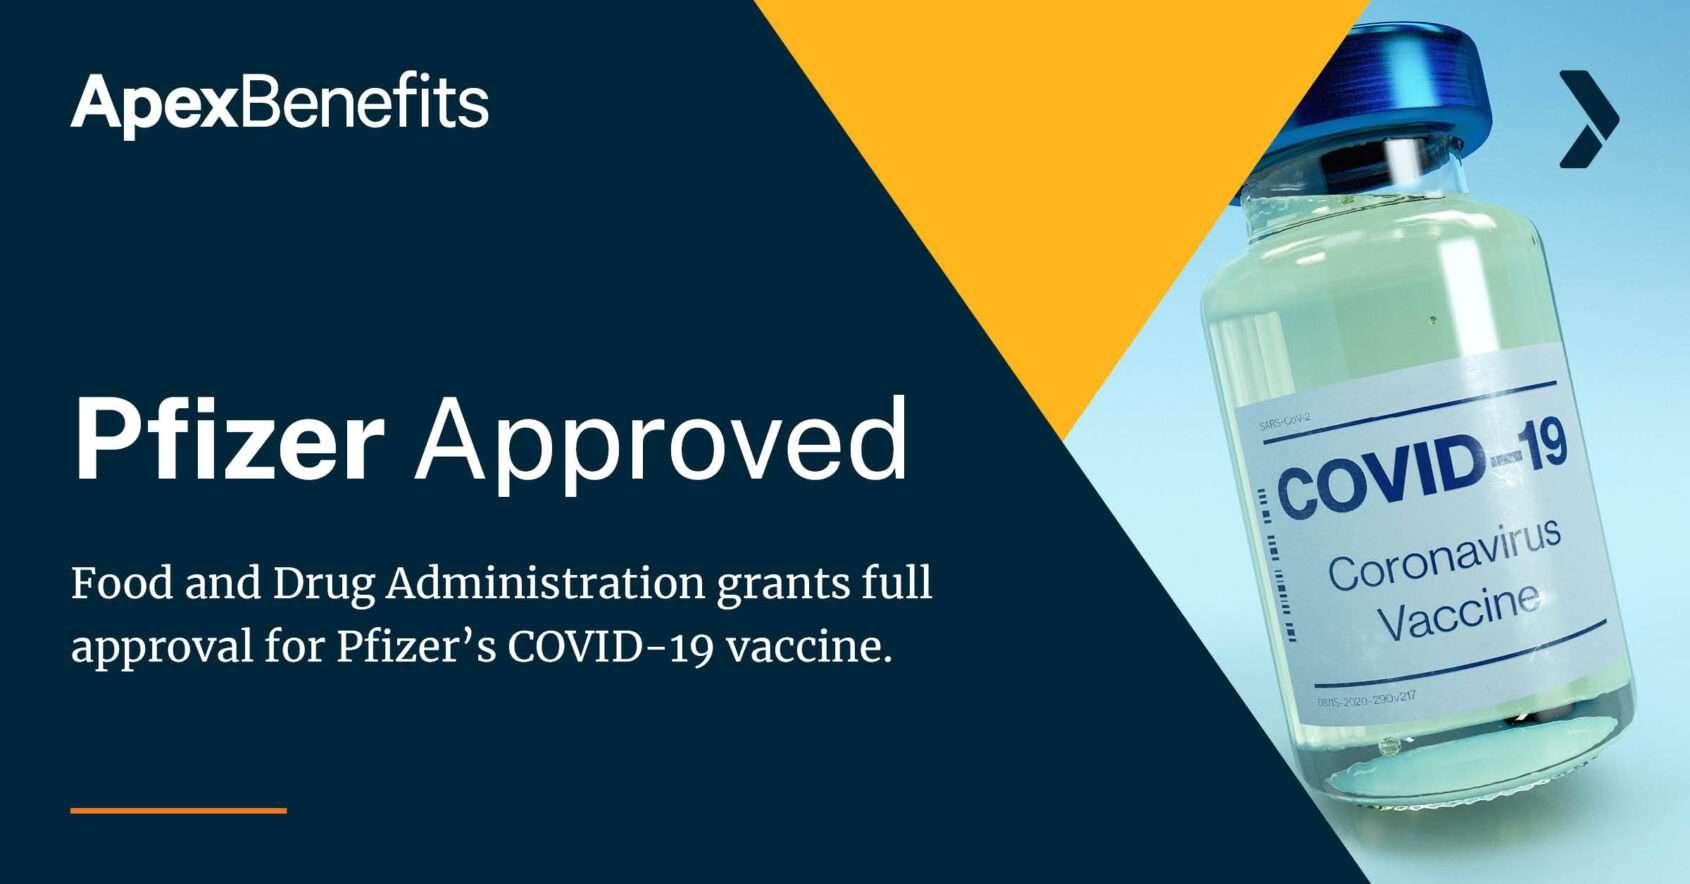 FDA Approves Pfizer Vaccine